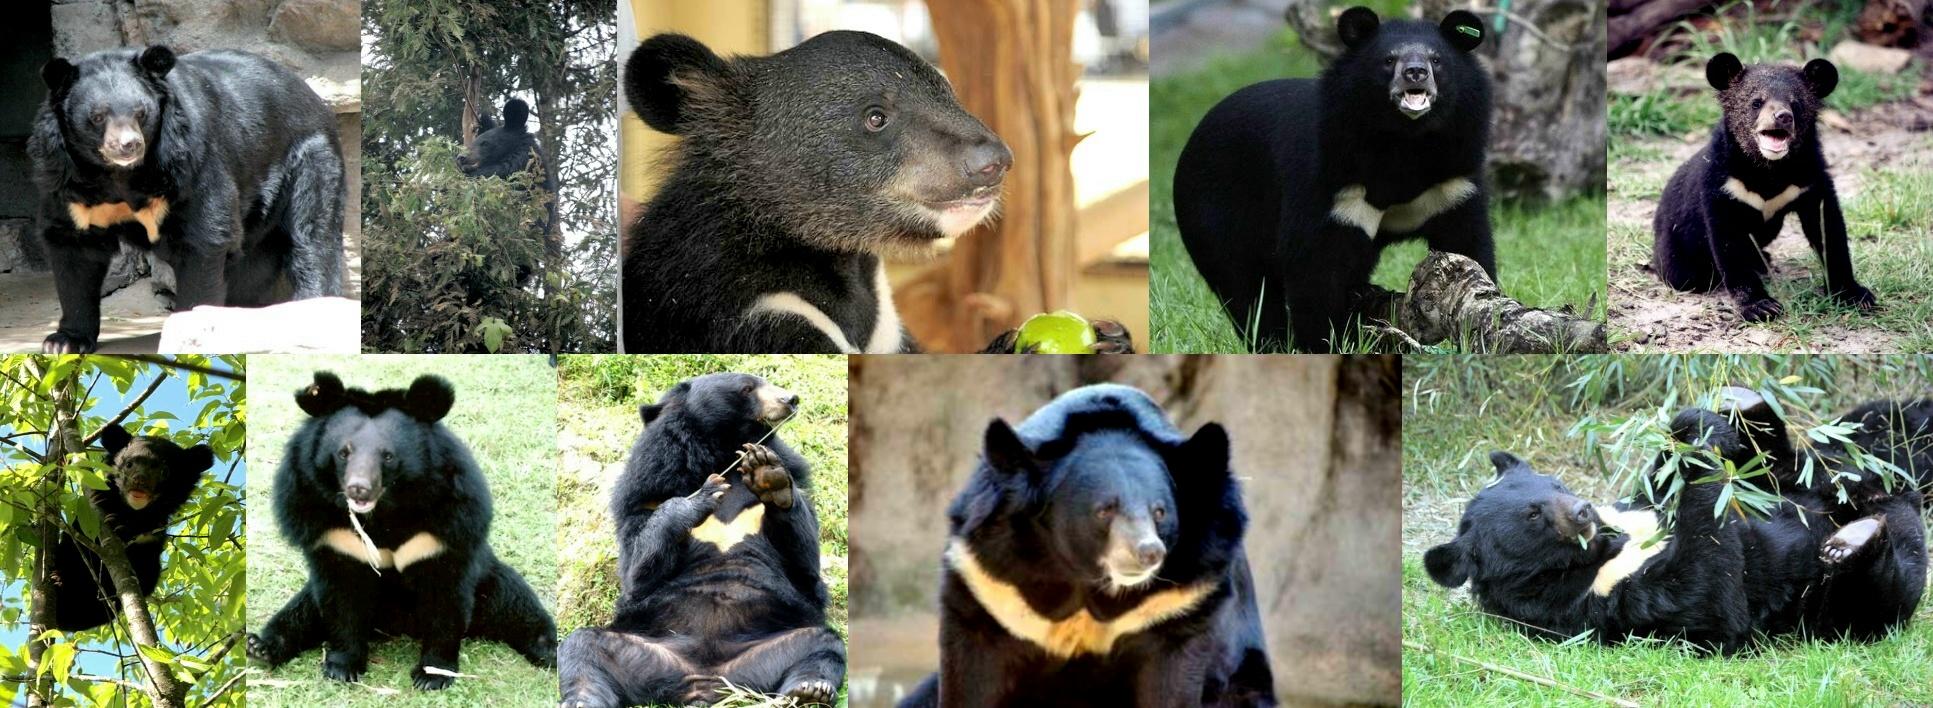 houden beren echt van honing 1985